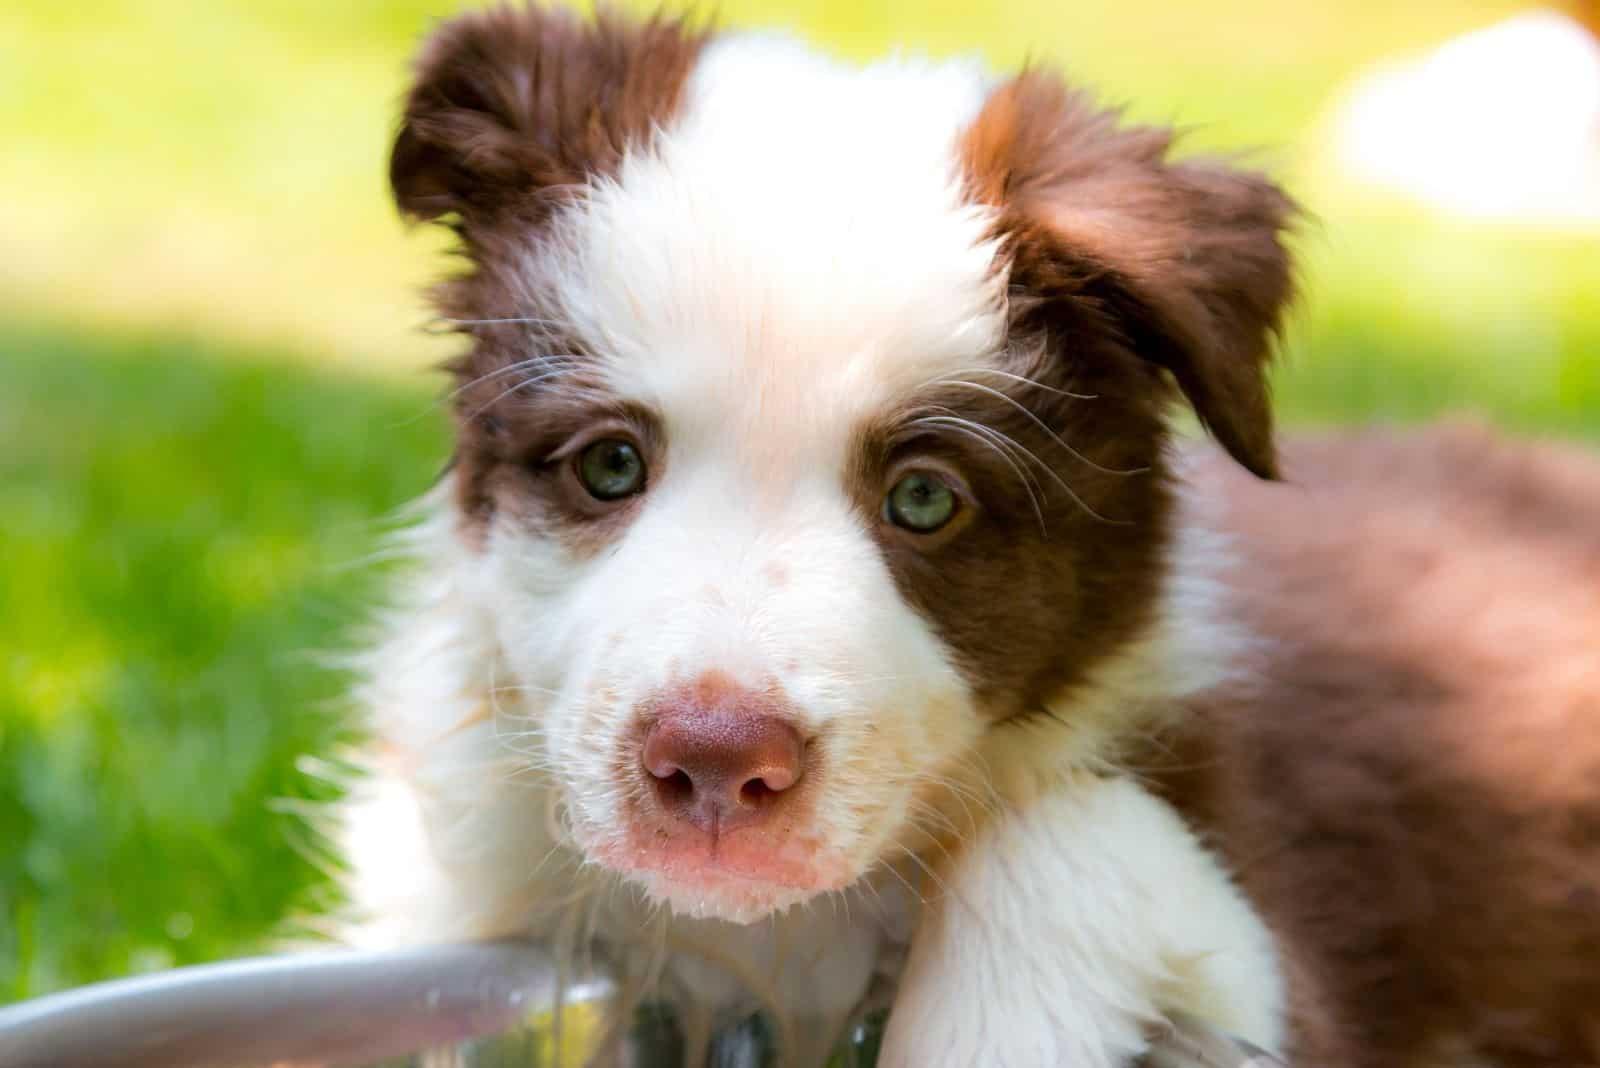 panda german shepherd puppy in close up image